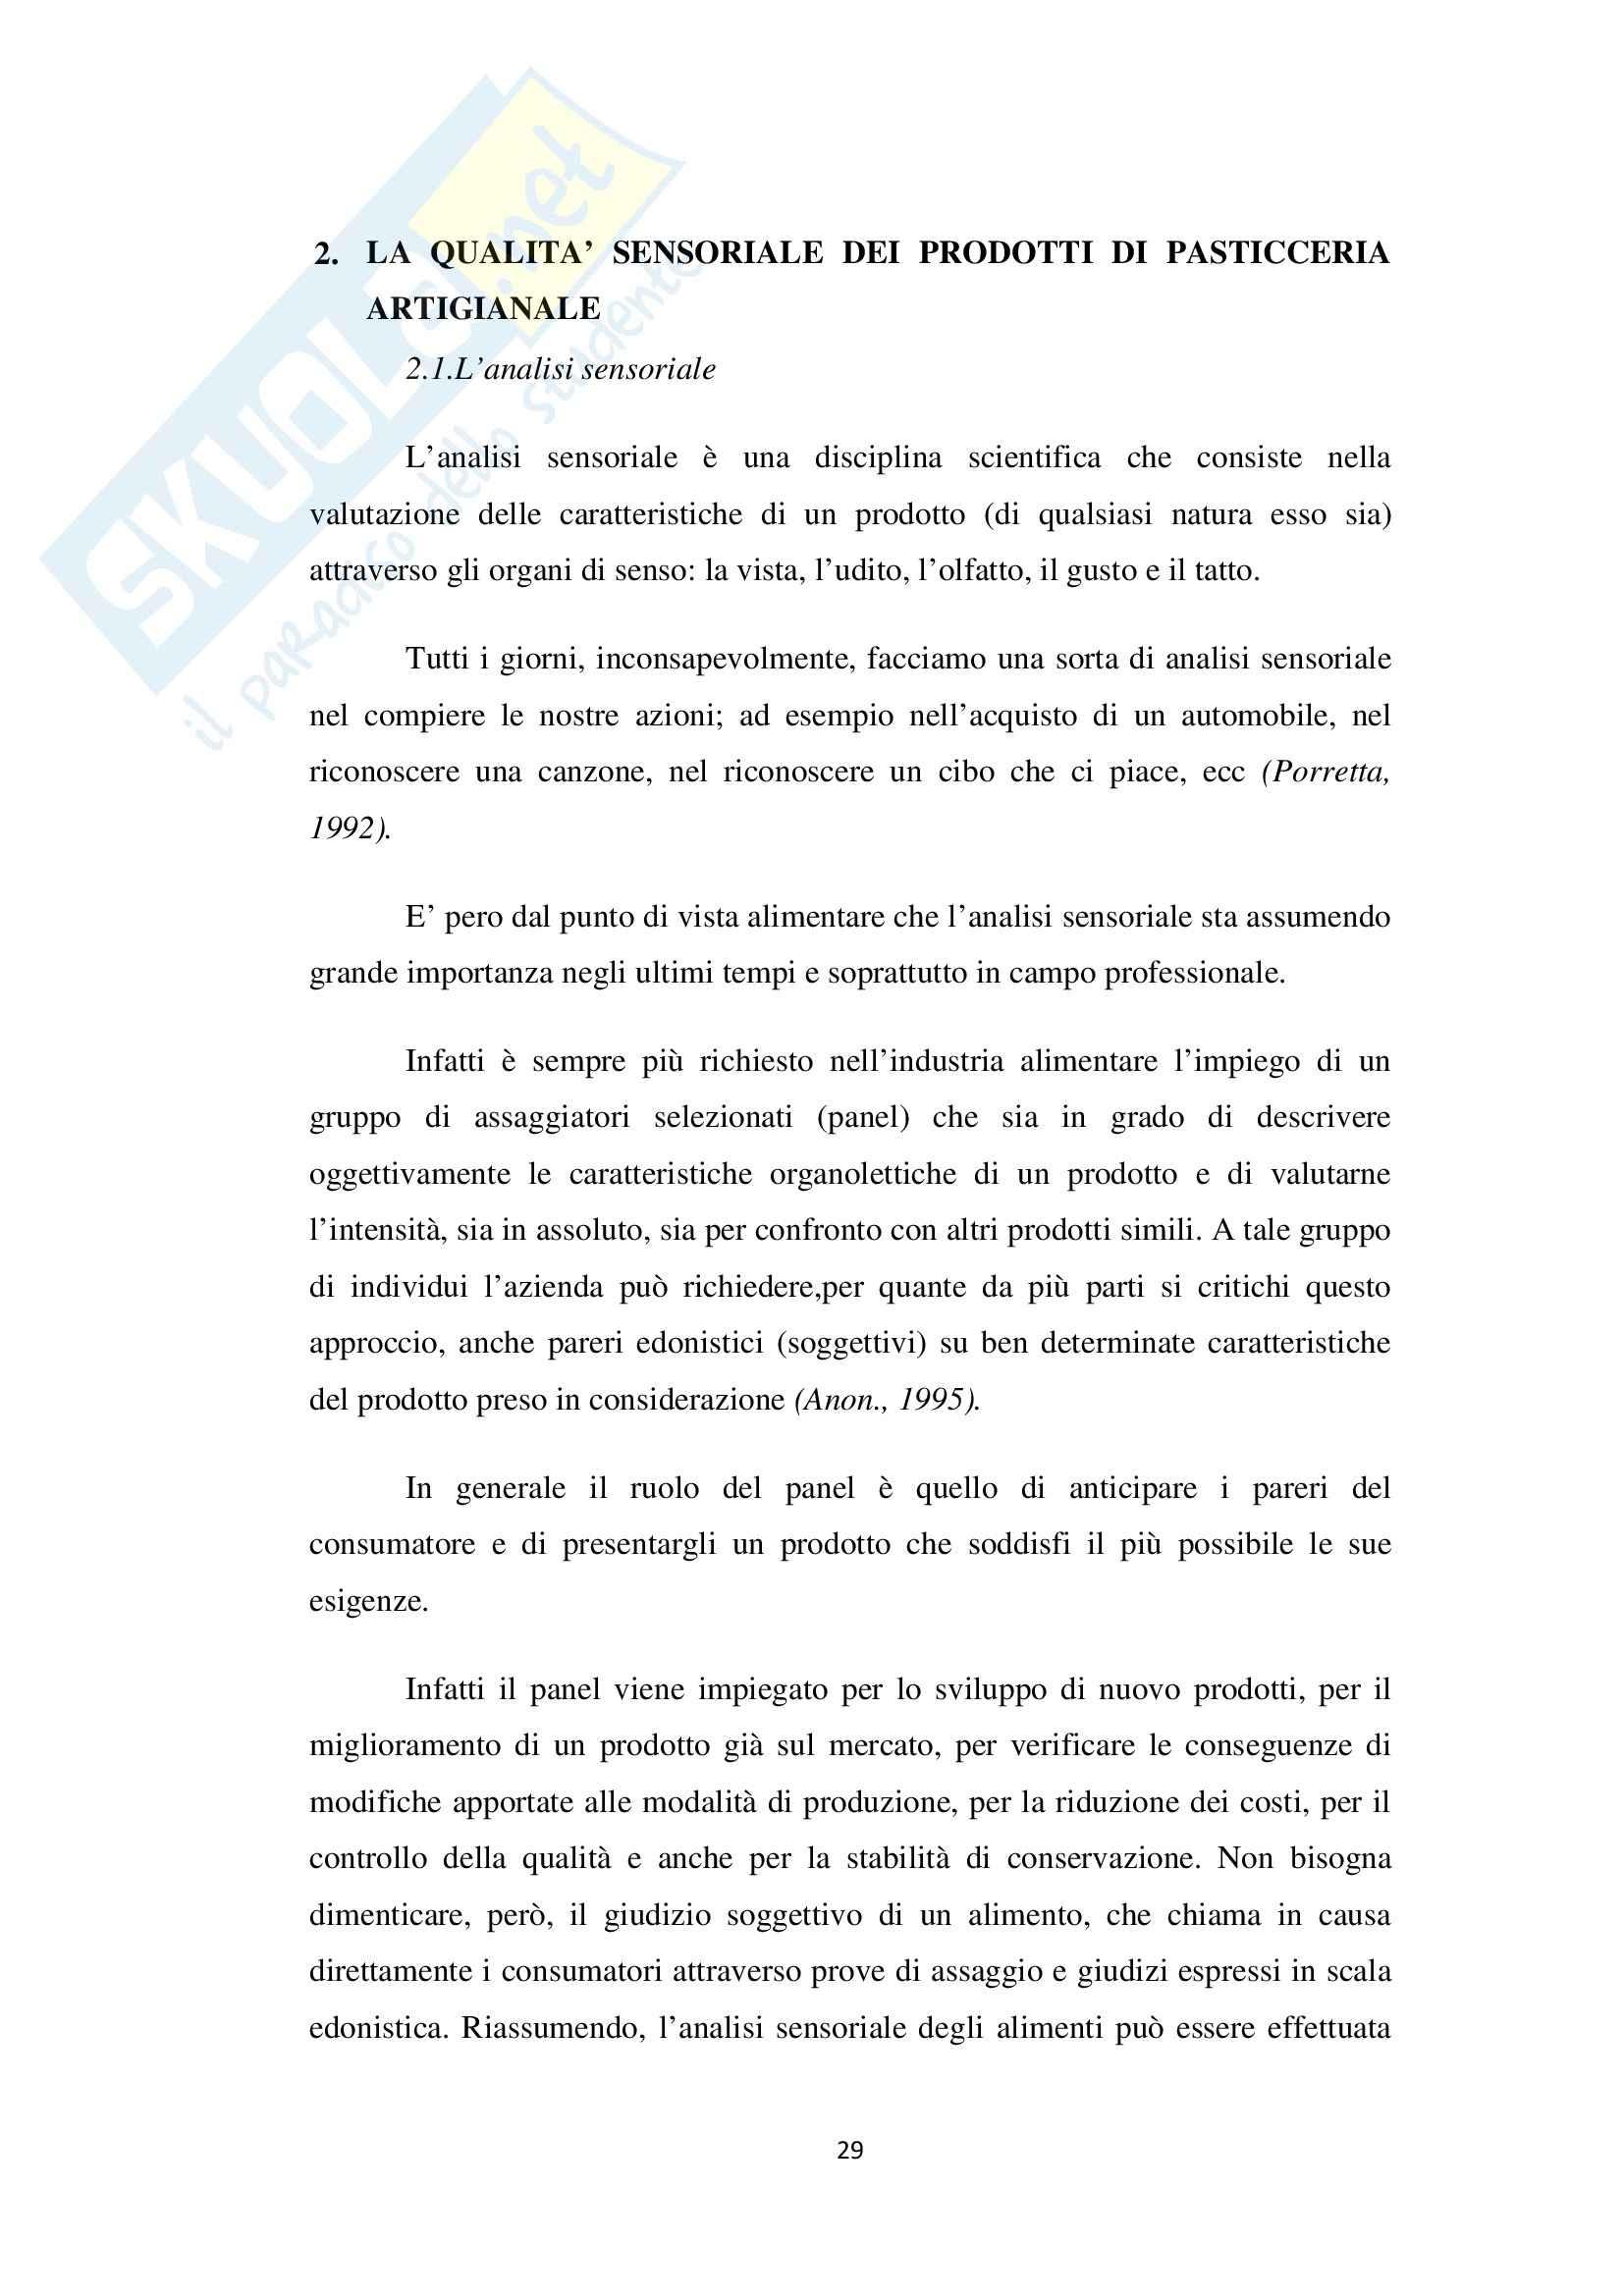 Valutazione sensoriale in prodotti di pasticceria artigianale freschi e surgelati, Analisi chimiche Pag. 31